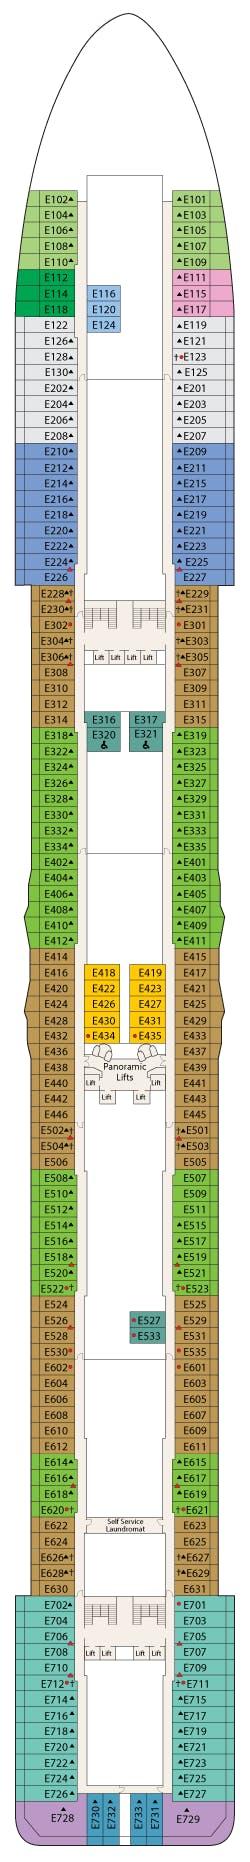 Deck 8 - Emerald Deck